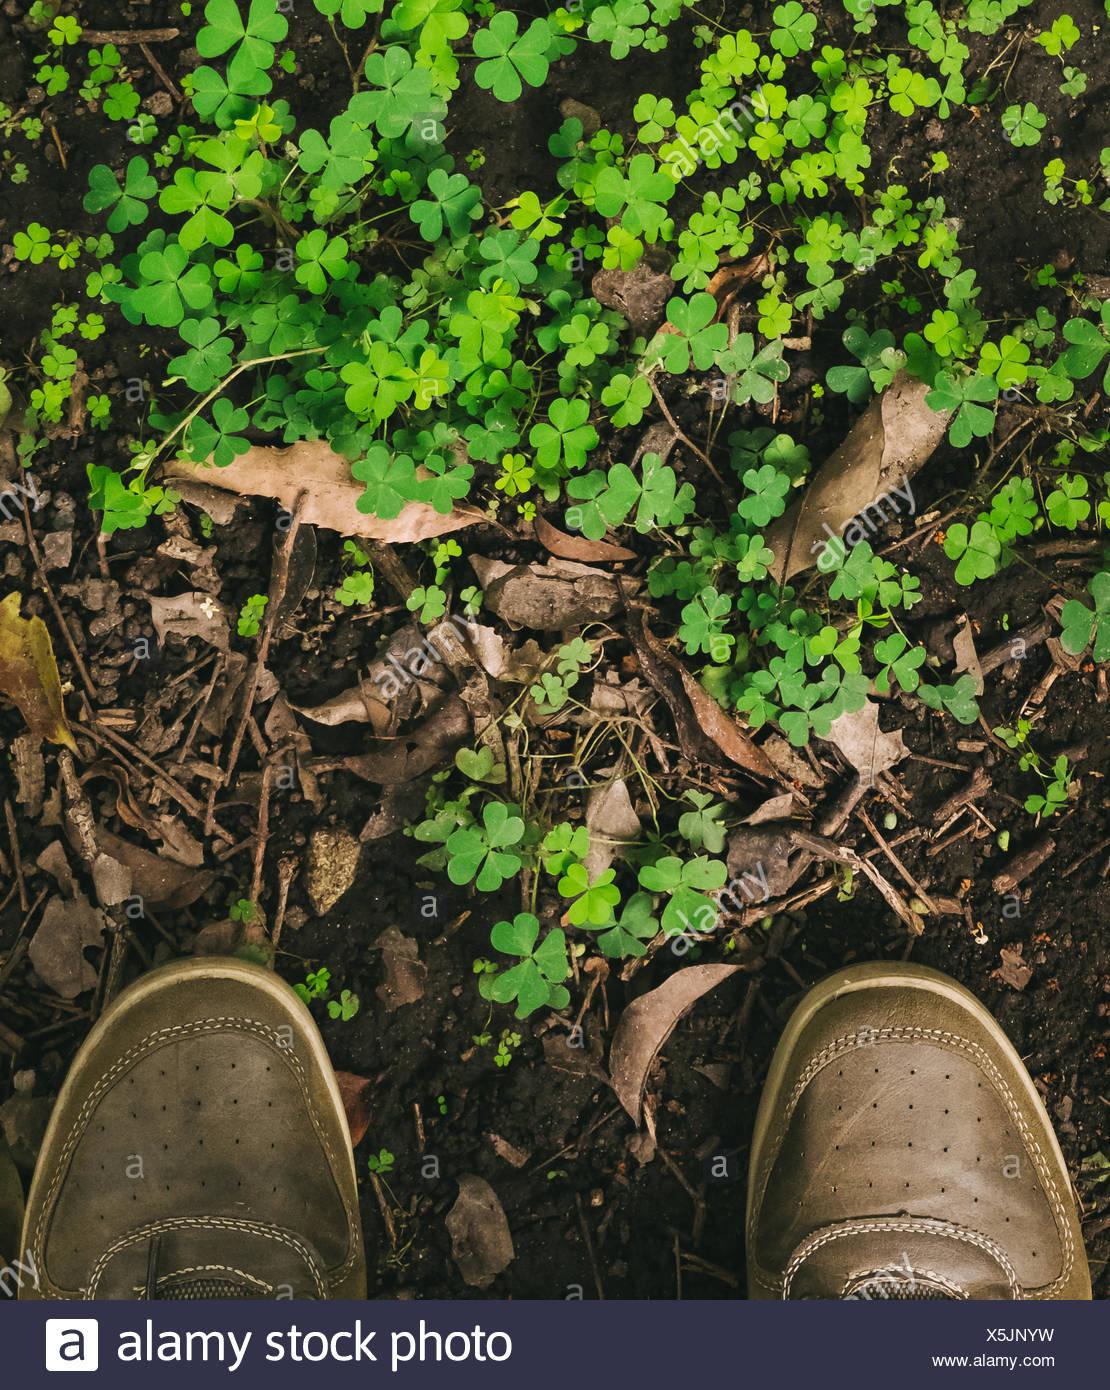 Sezione bassa dell'uomo in piedi di fronte a piante Immagini Stock